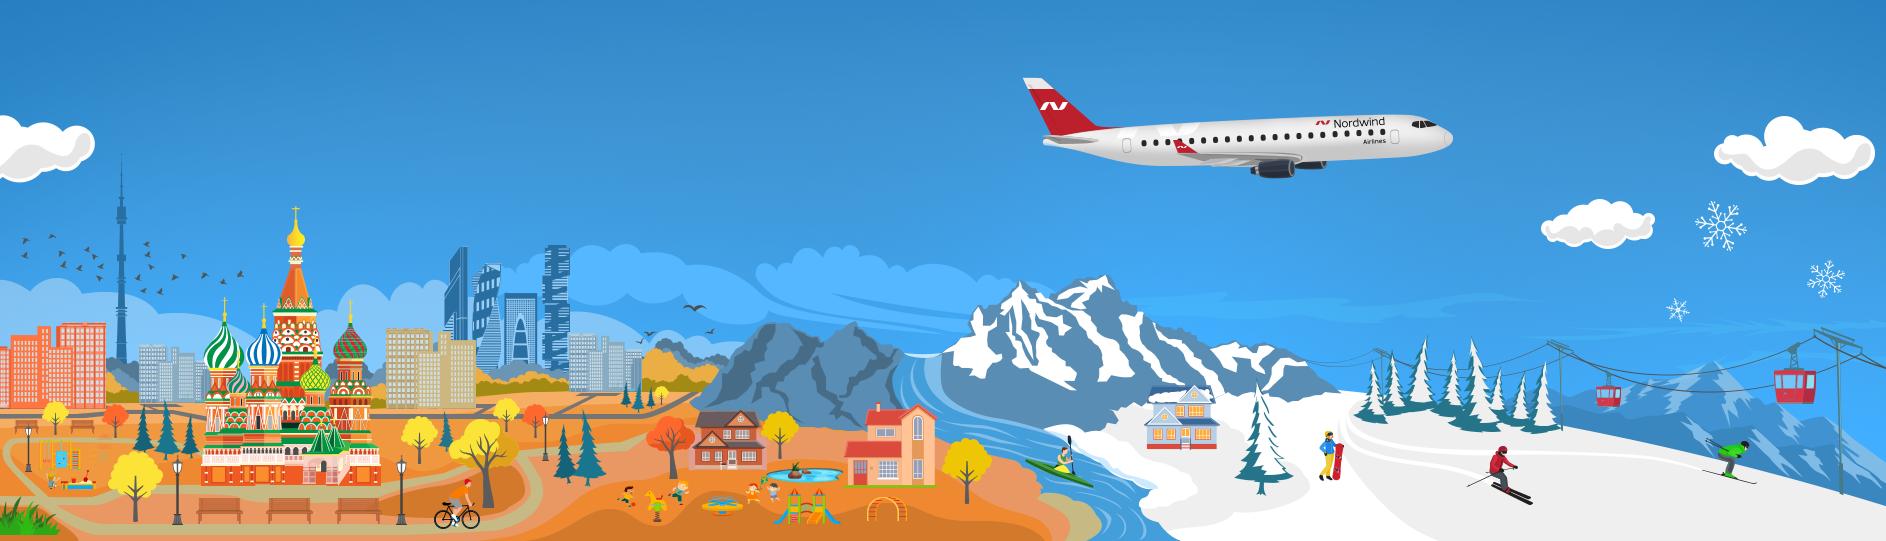 Купить билет волгоград казань самолет билеты москва баку на самолет прямой рейс